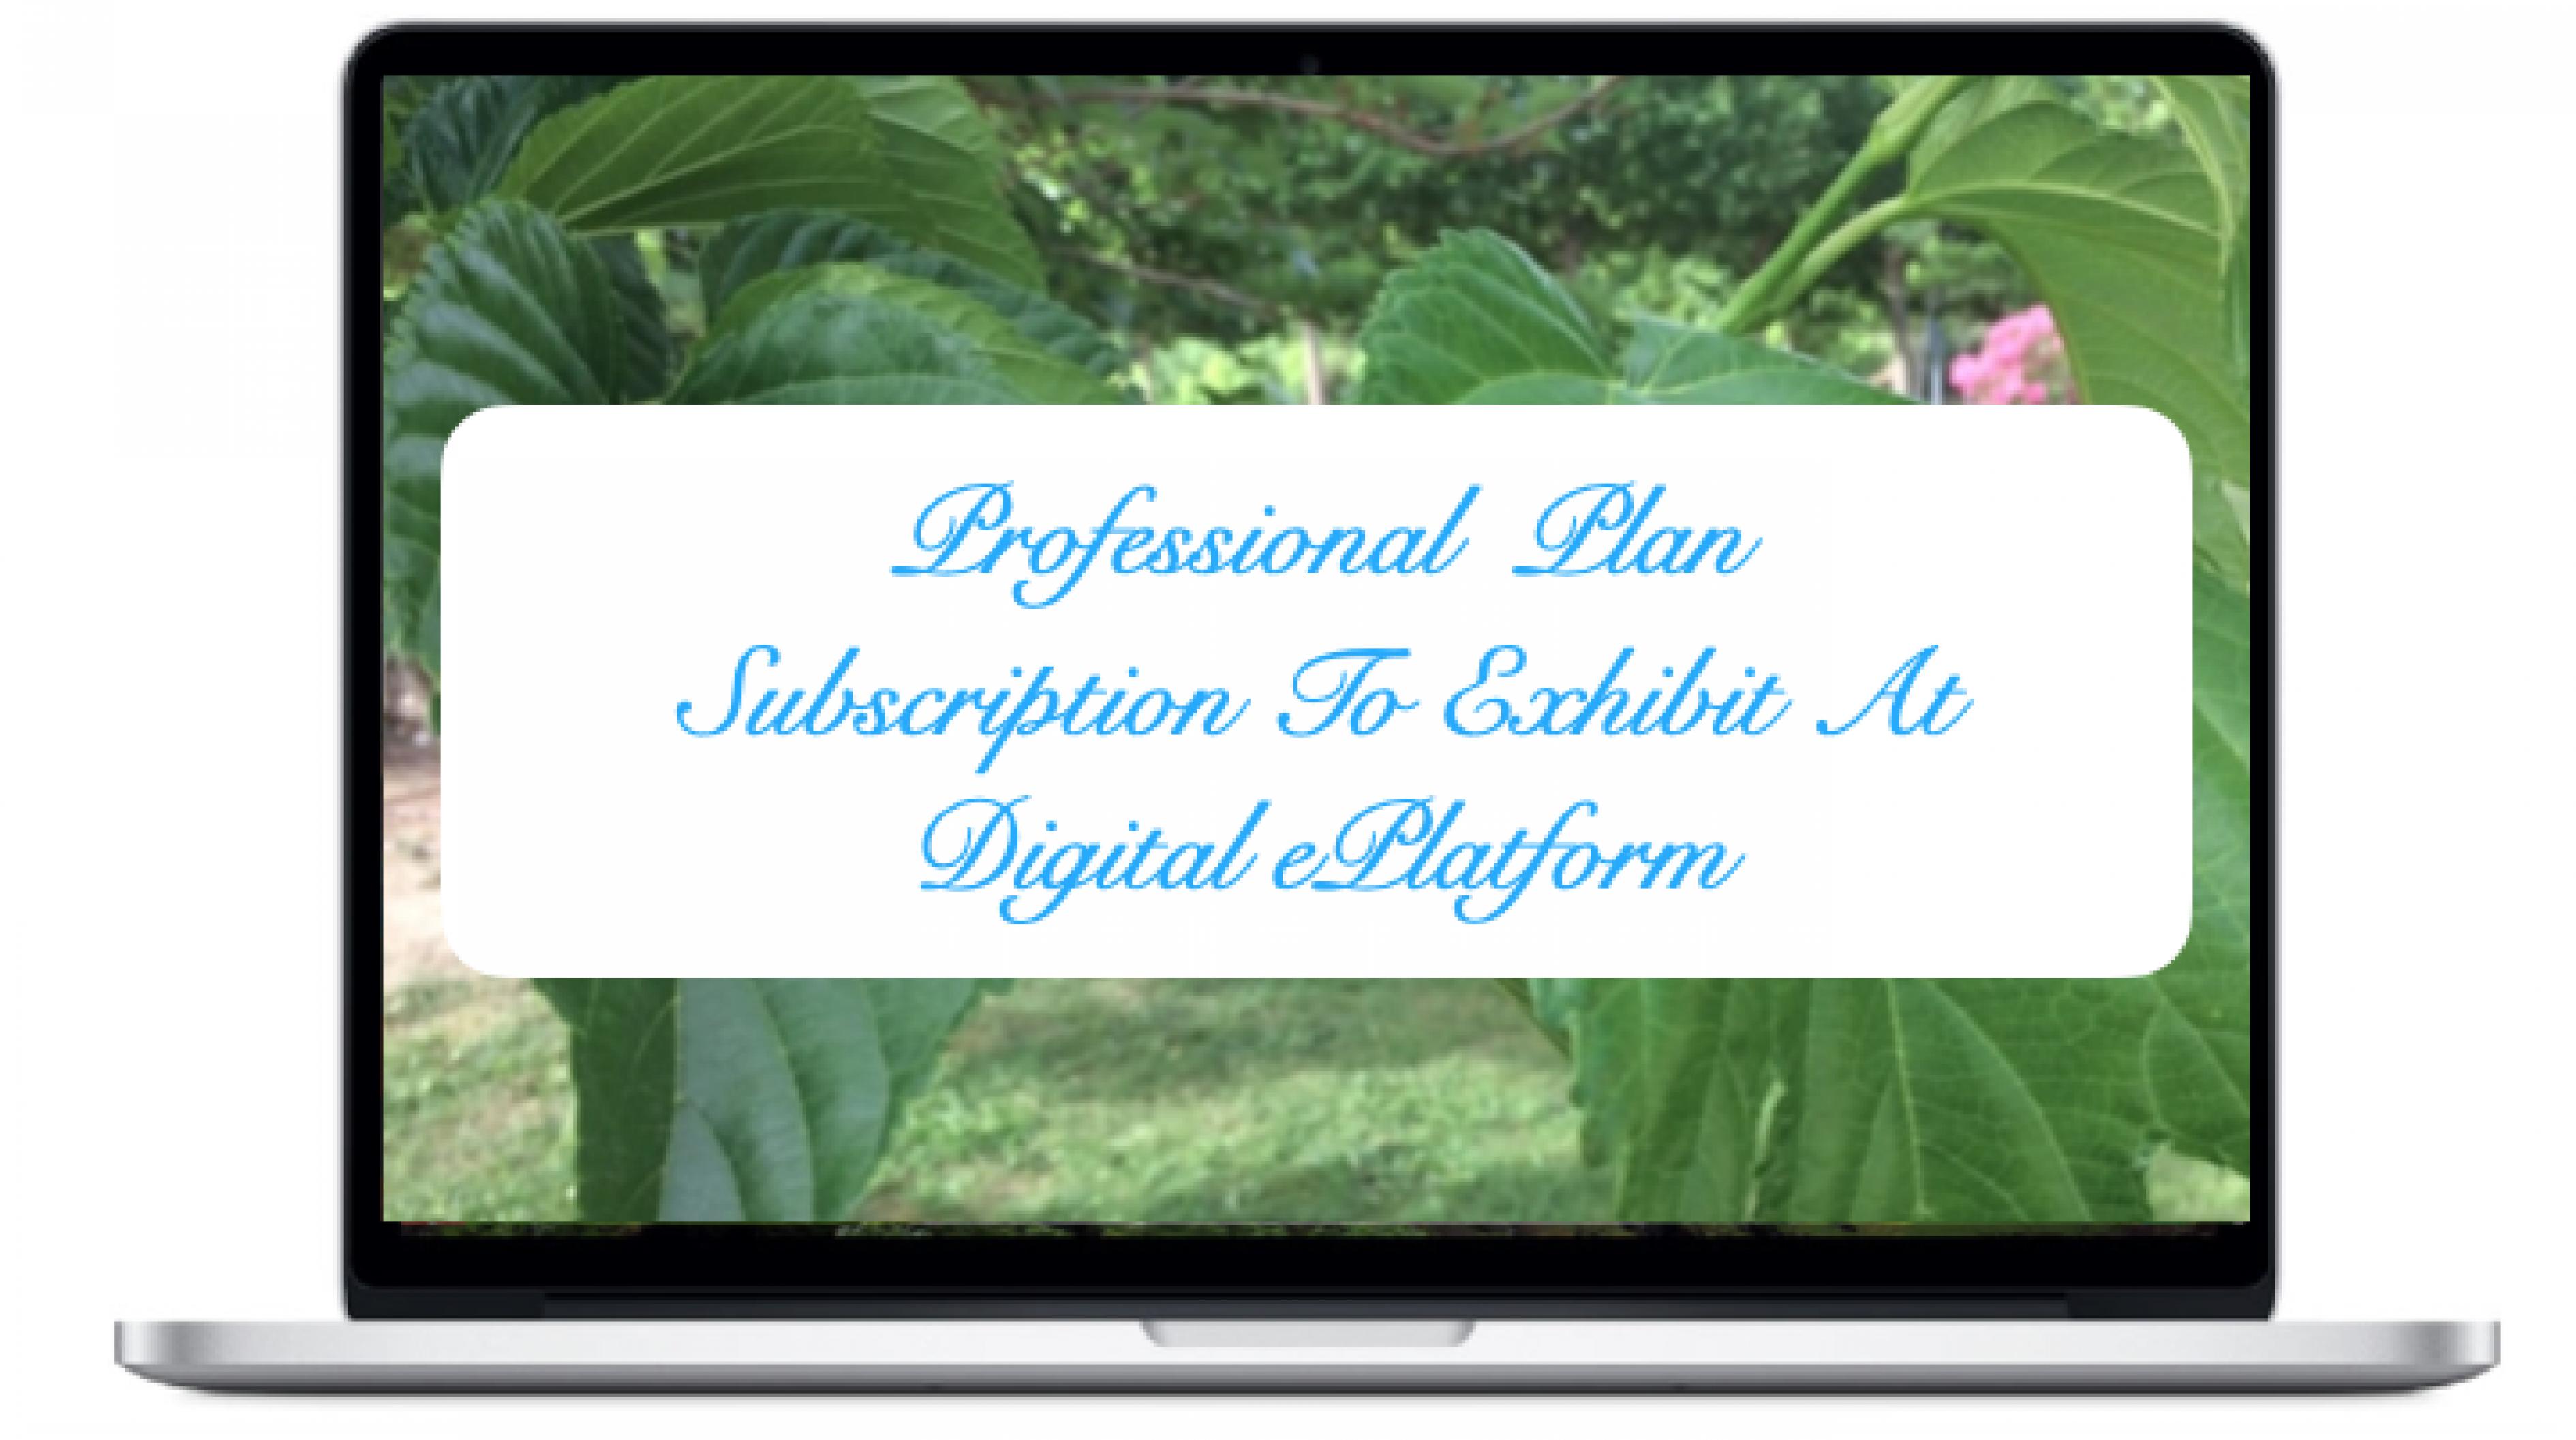 professional-plan-subscription-plan-to-exhibit-at-digital-eplatform_0